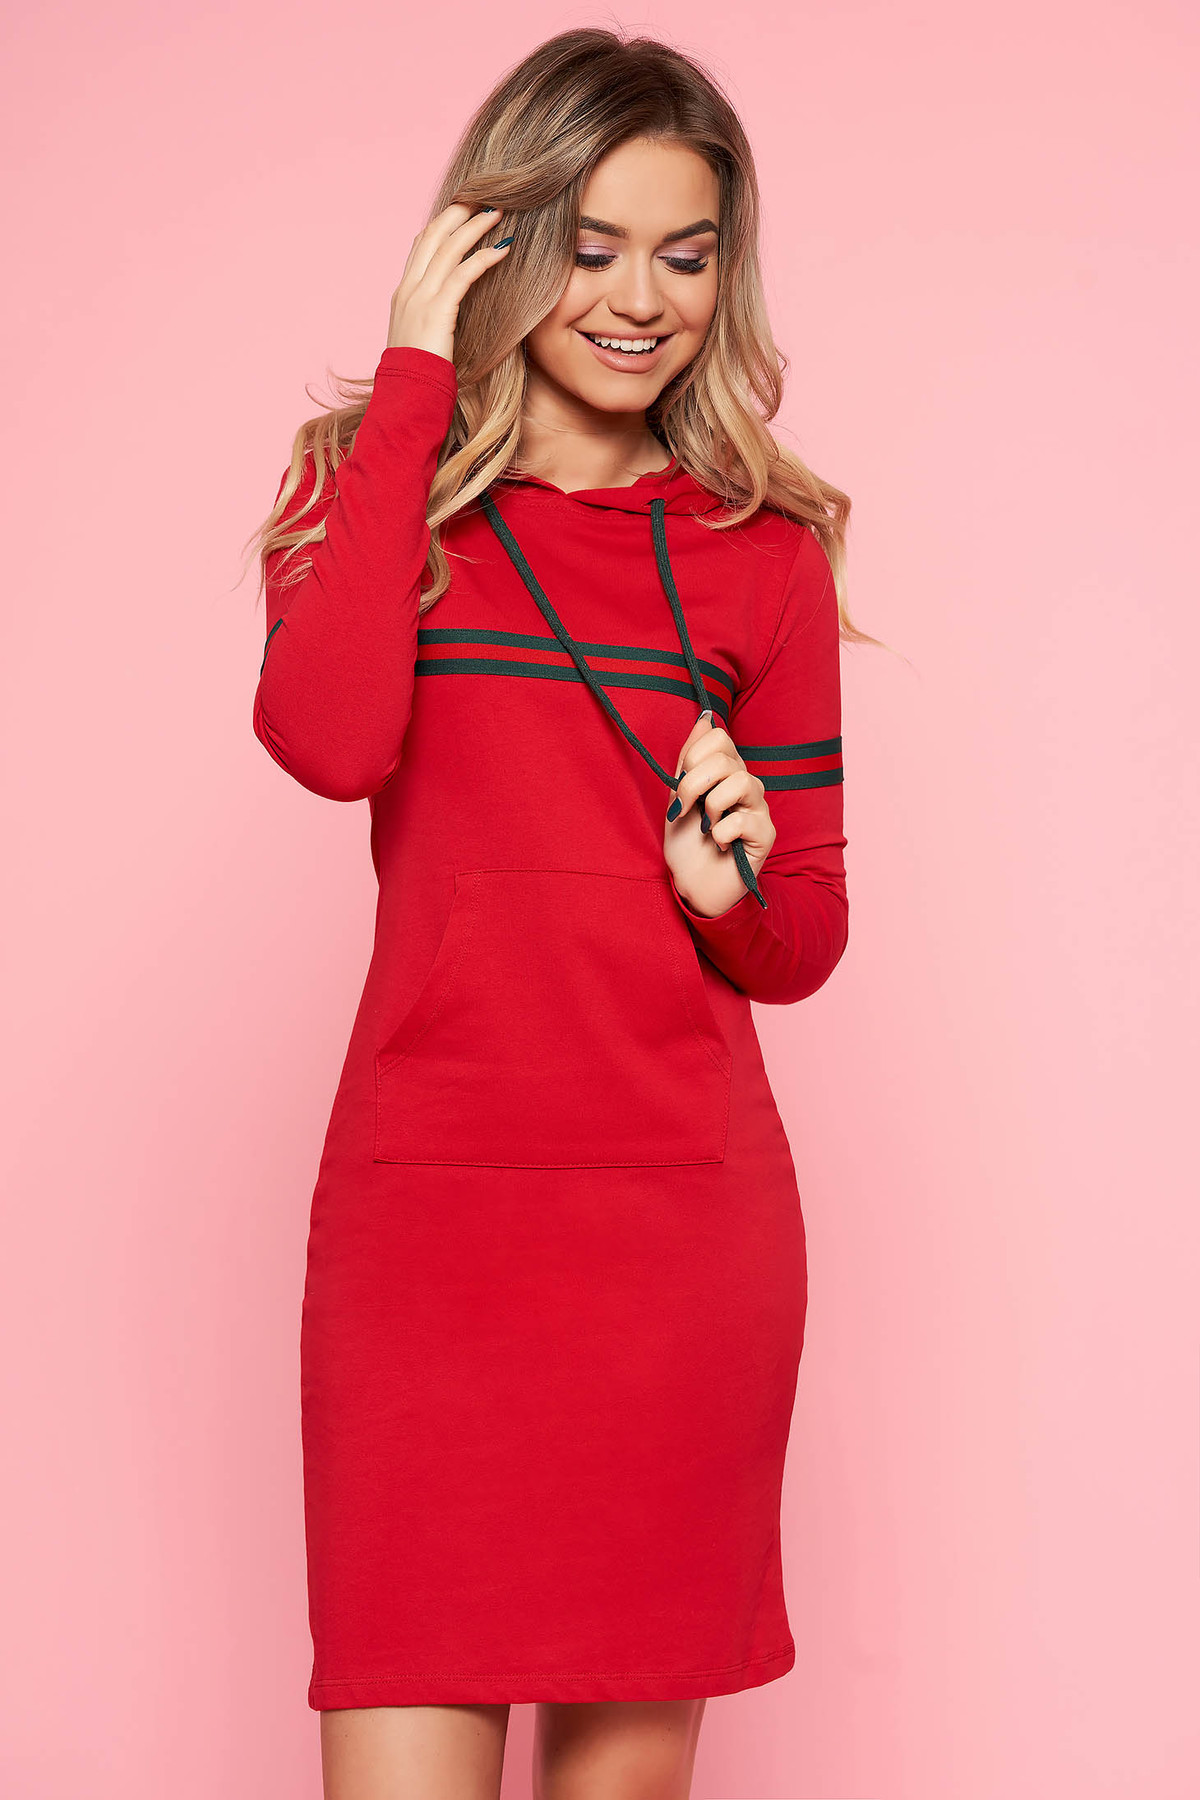 Rochie SunShine rosie casual din bumbac usor elastic cu buzunare in fata si gluga nedetasabila